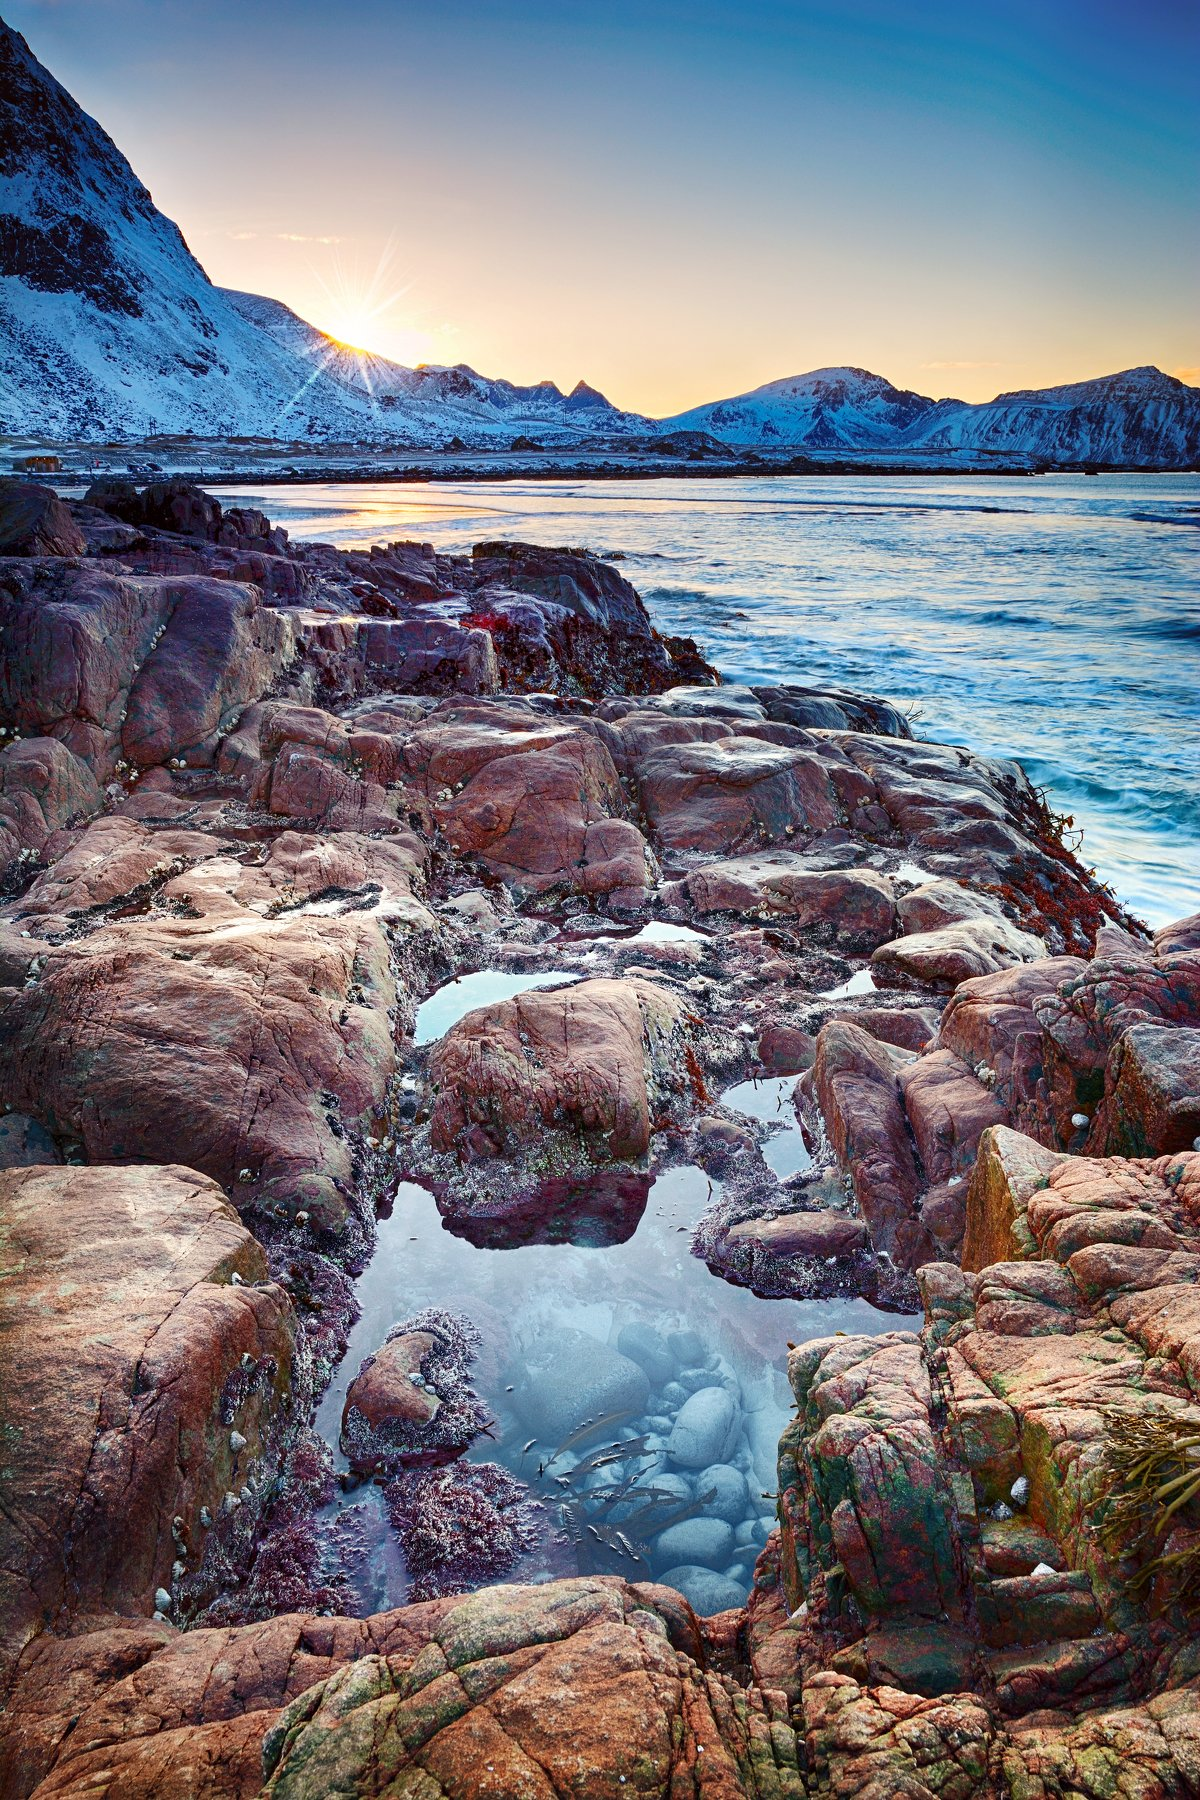 норвегия, лофотены, пляж, закат, beach, lofoten, norway, dawn, sunset, sea, seascape, пейзаж, природа, landscape, nature, Чурсина Виктория